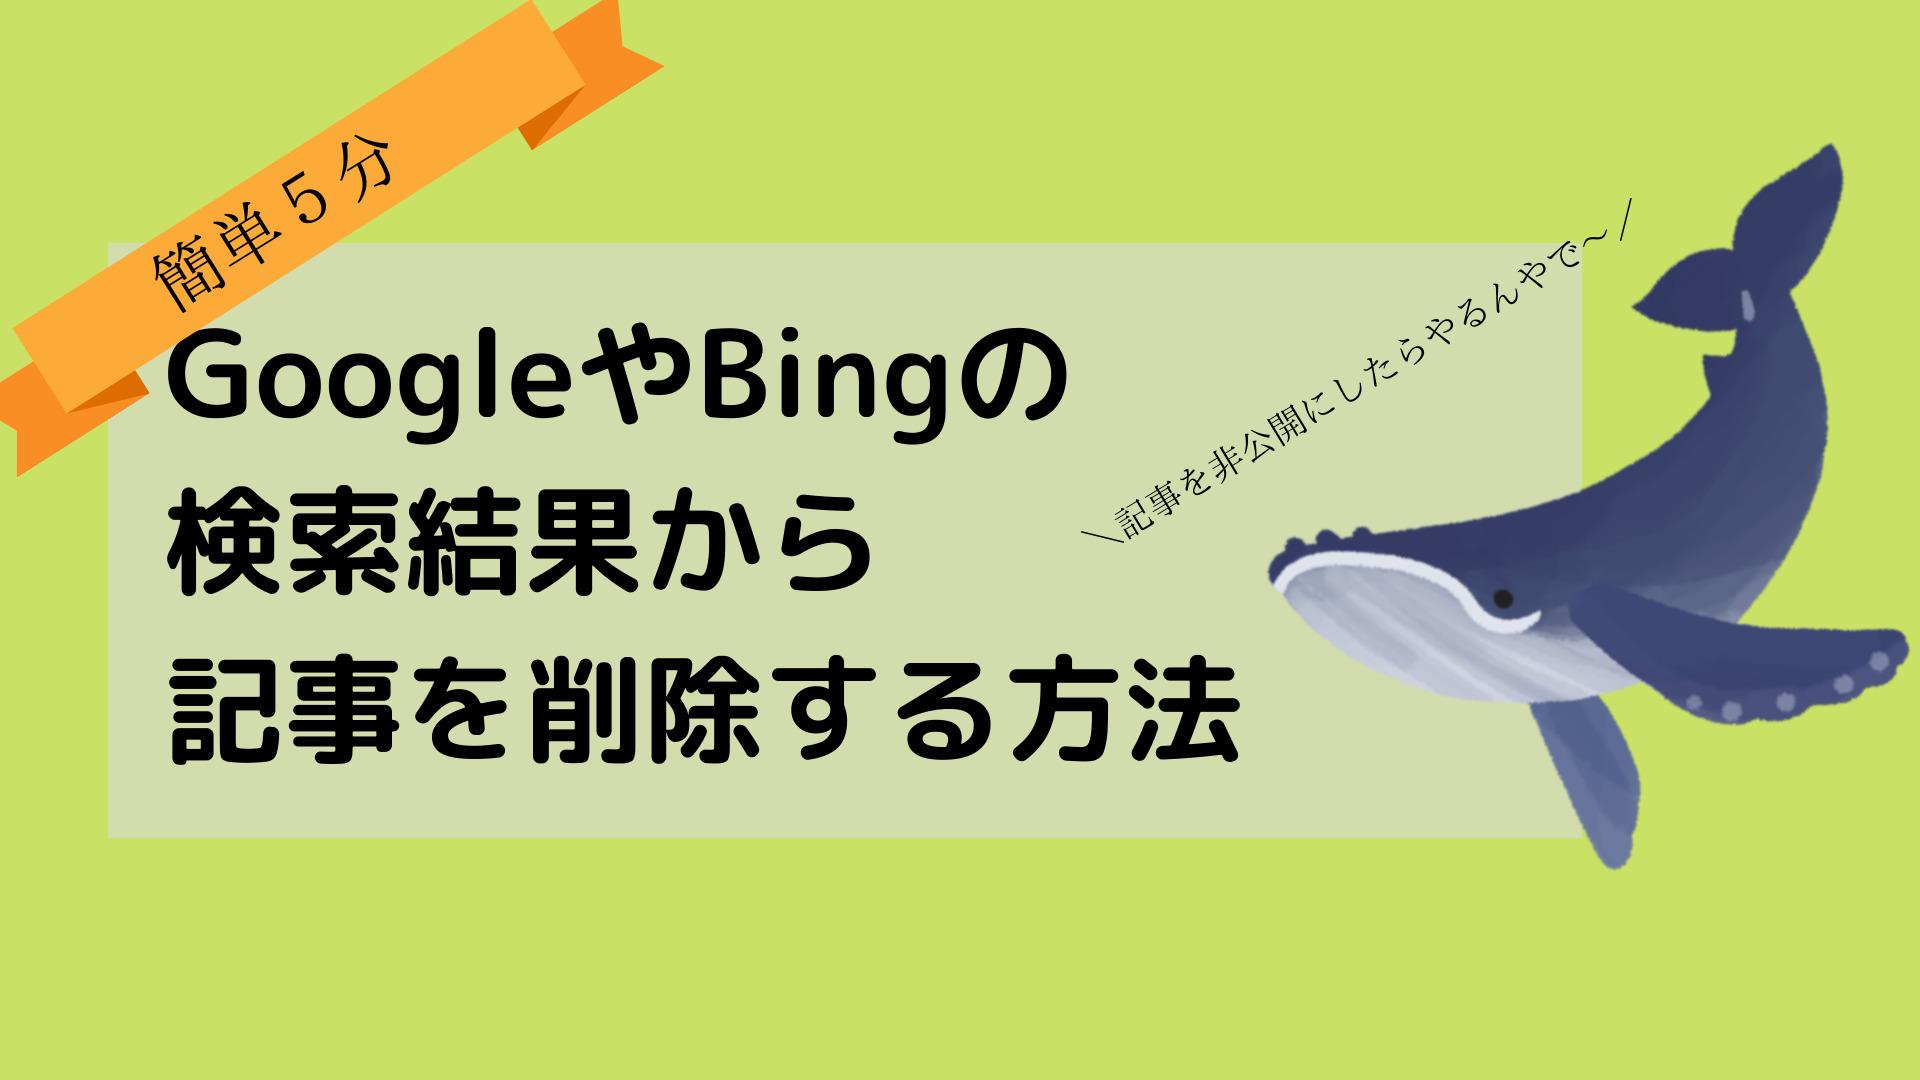 非公開や削除したページの放置はNG?!GoogleやBingのindexを削除する方法アイキャッチ